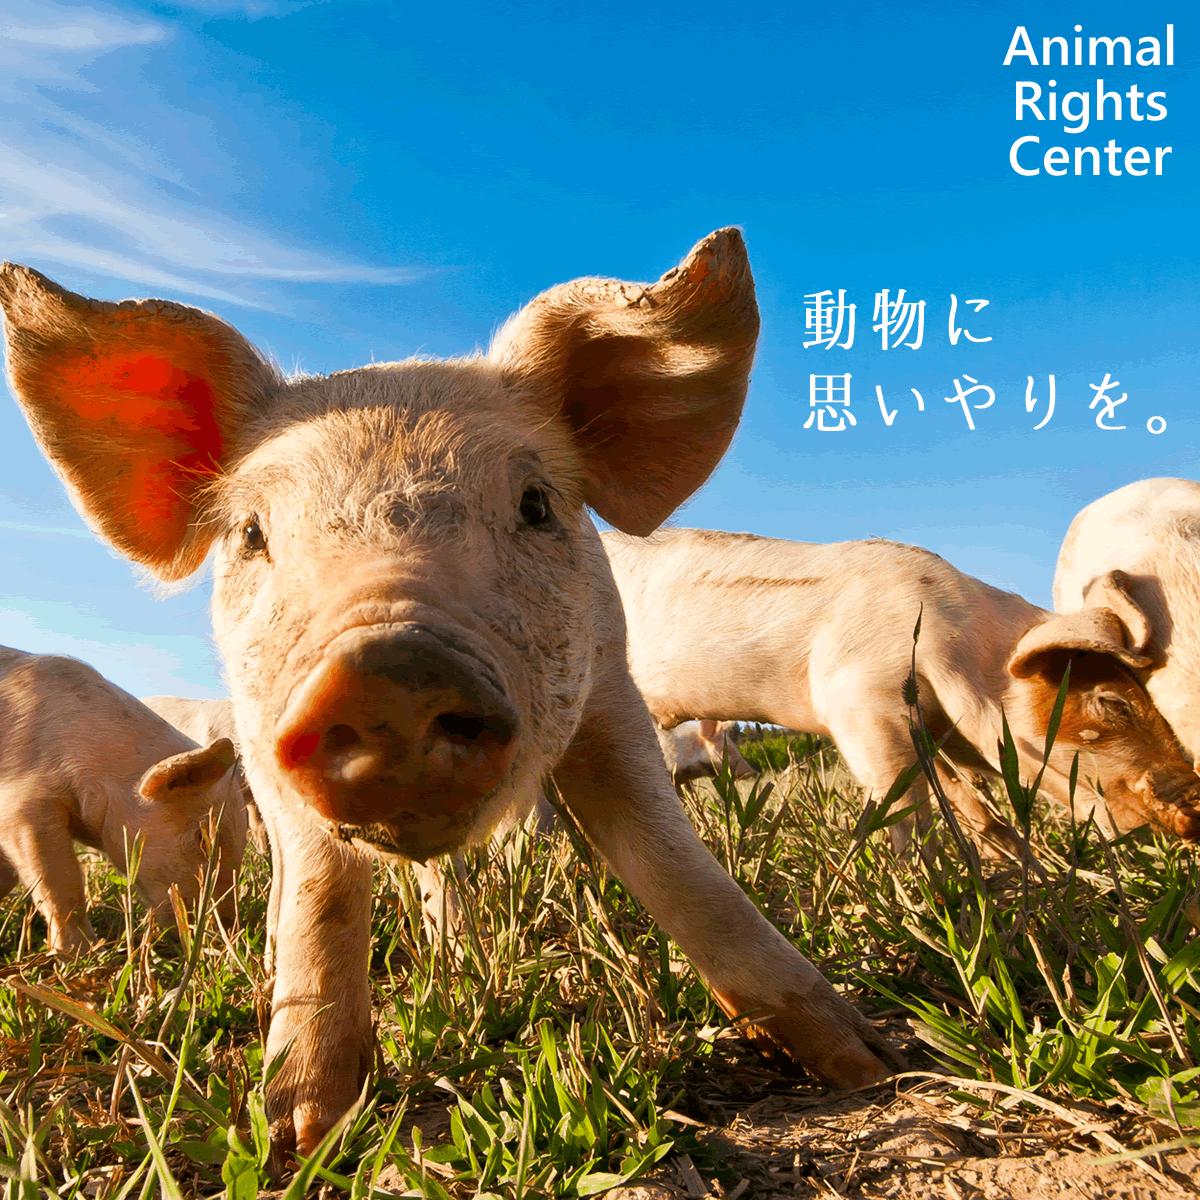 殺すより残酷?アンゴラ製品の生産方法 | NPO法人アニマルライツセンター 毛皮、動物実験、動物虐待、工場畜産、犬猫殺処分などをなくしエシカルな社会へ